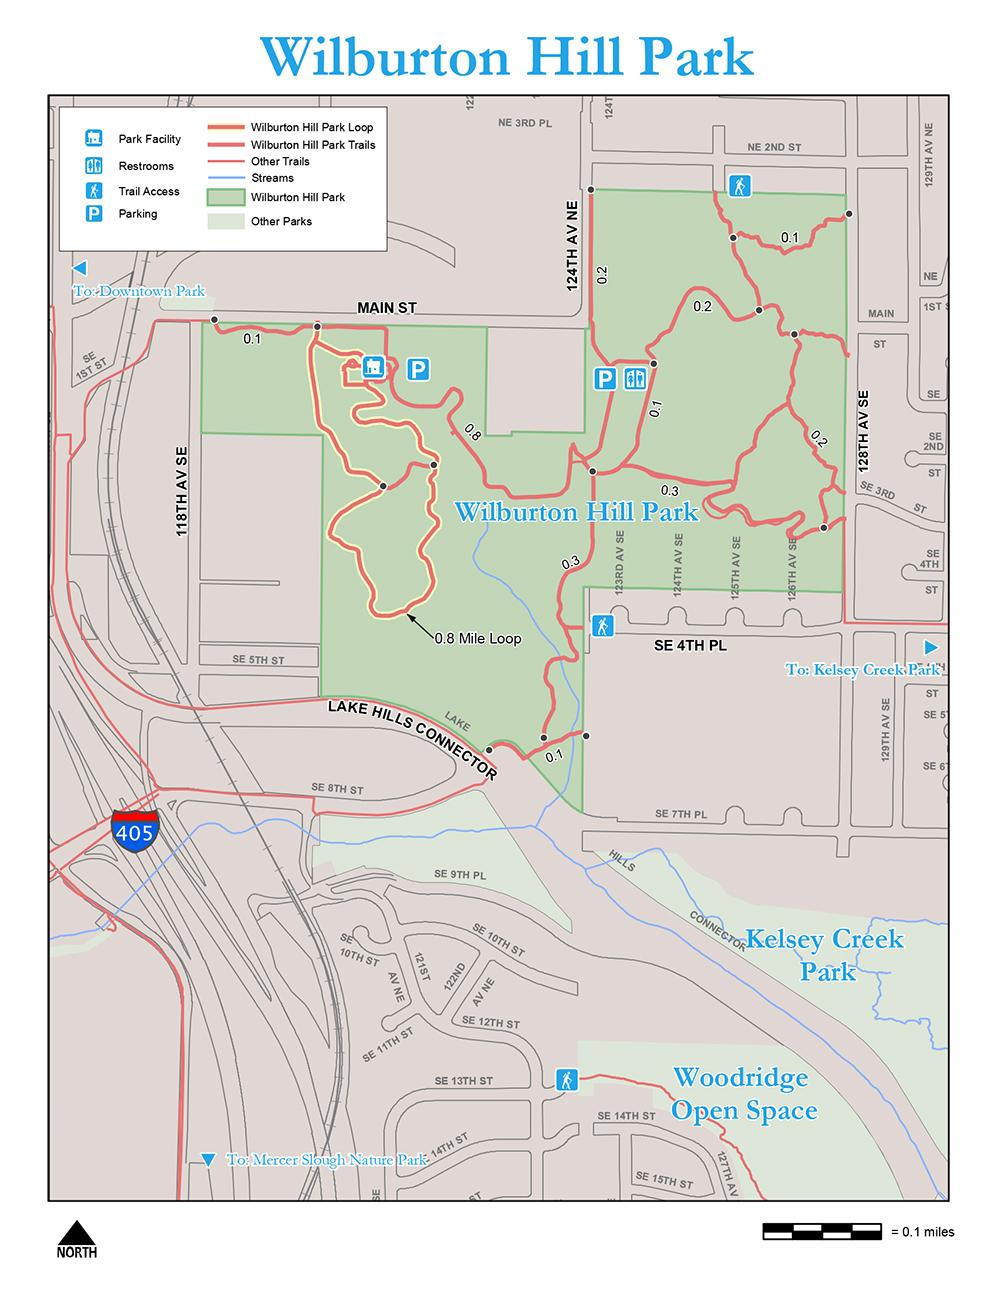 trail_guide_map_wilburton_hill_park